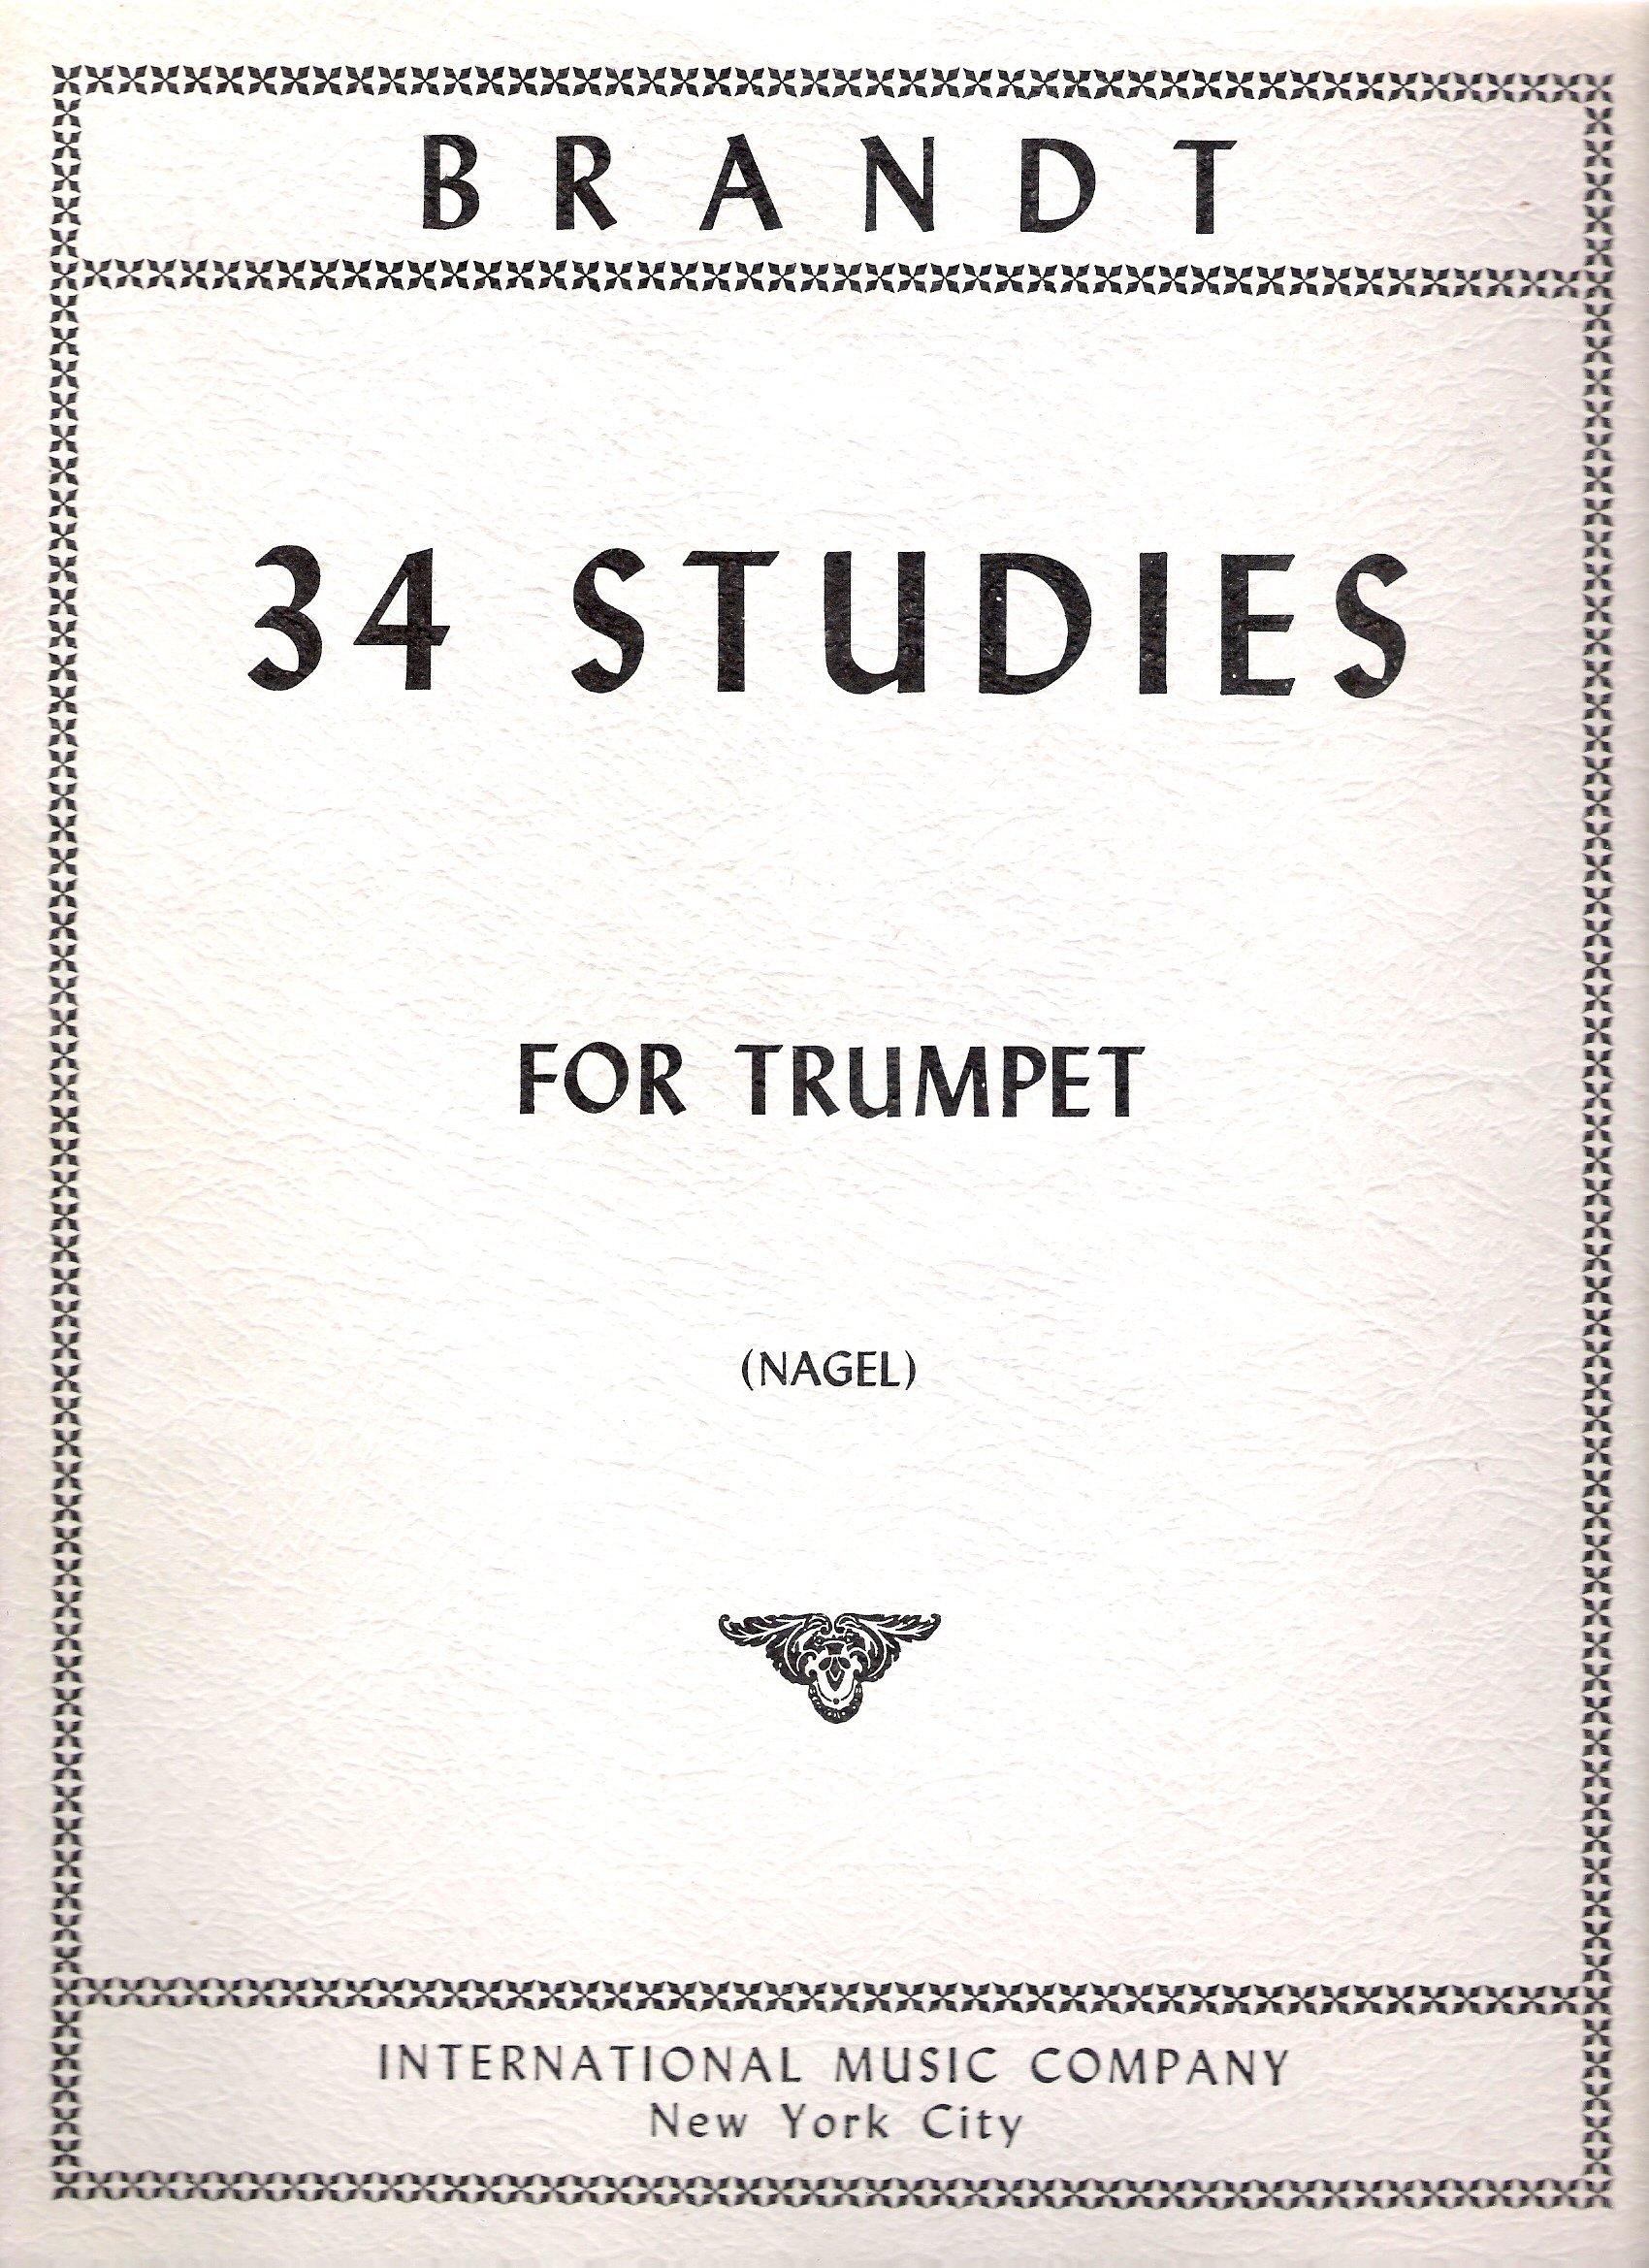 Brandt: 34 Studies for Trumpet (On Orchestral Motives) (1391